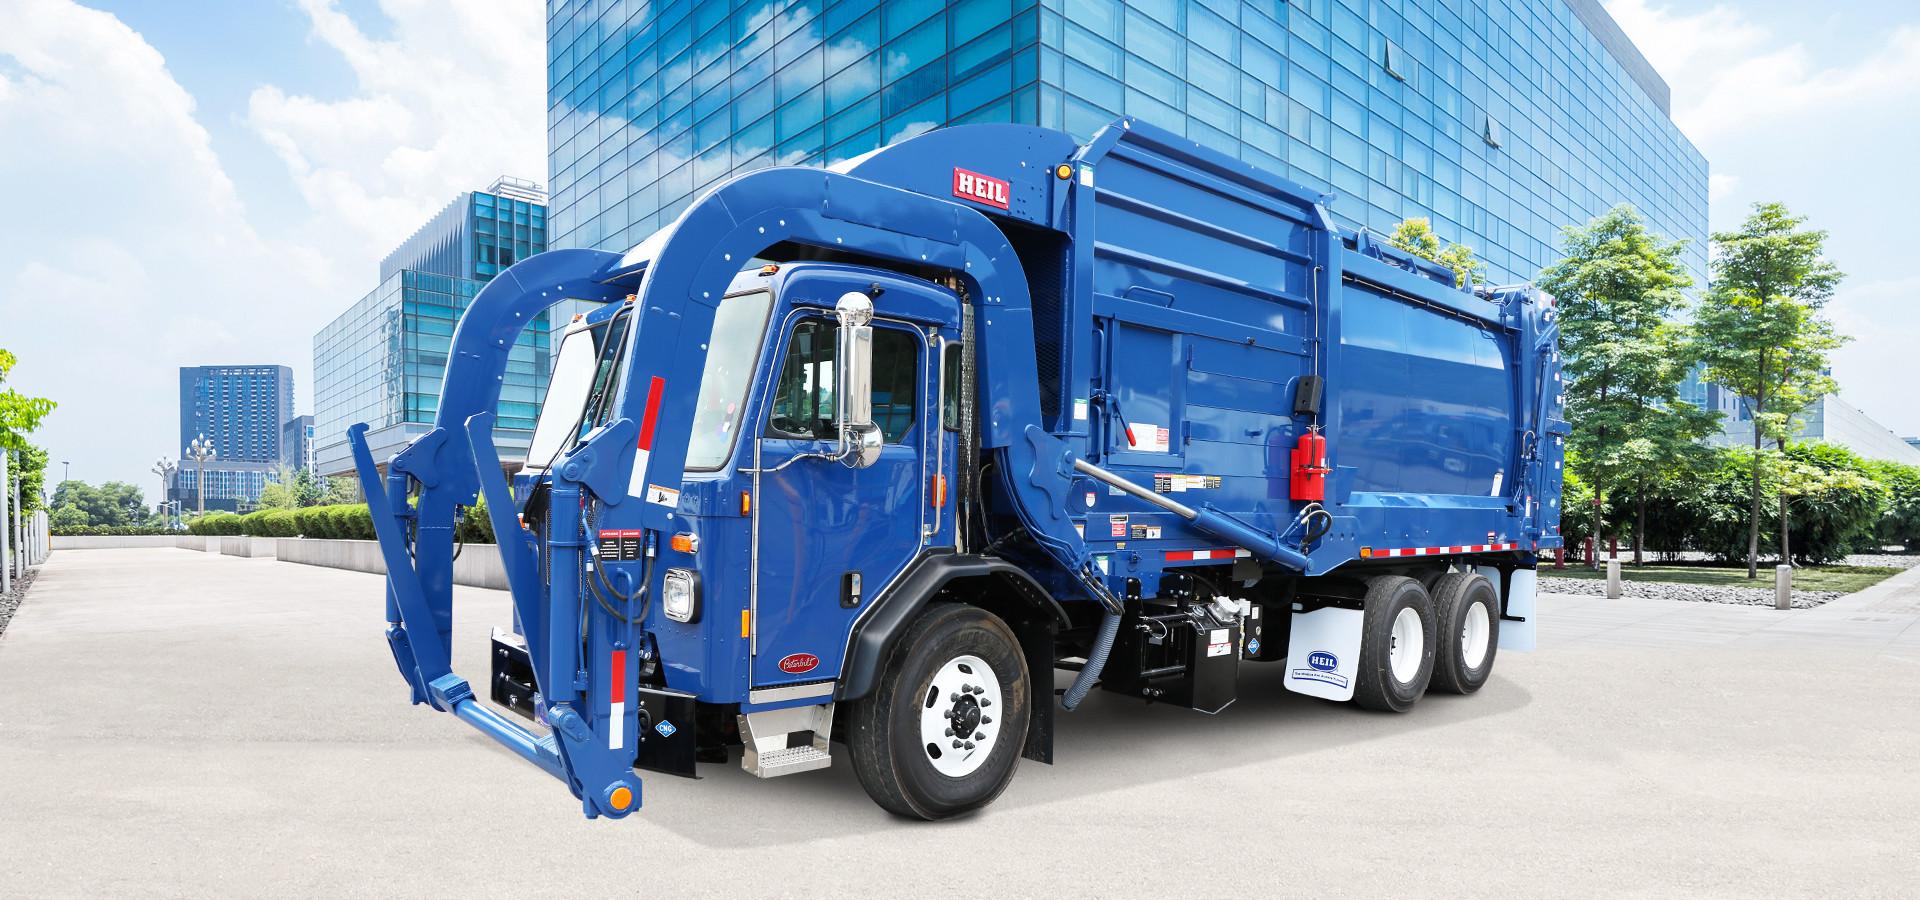 half_pack_odyssey-garbage-truck.jpg